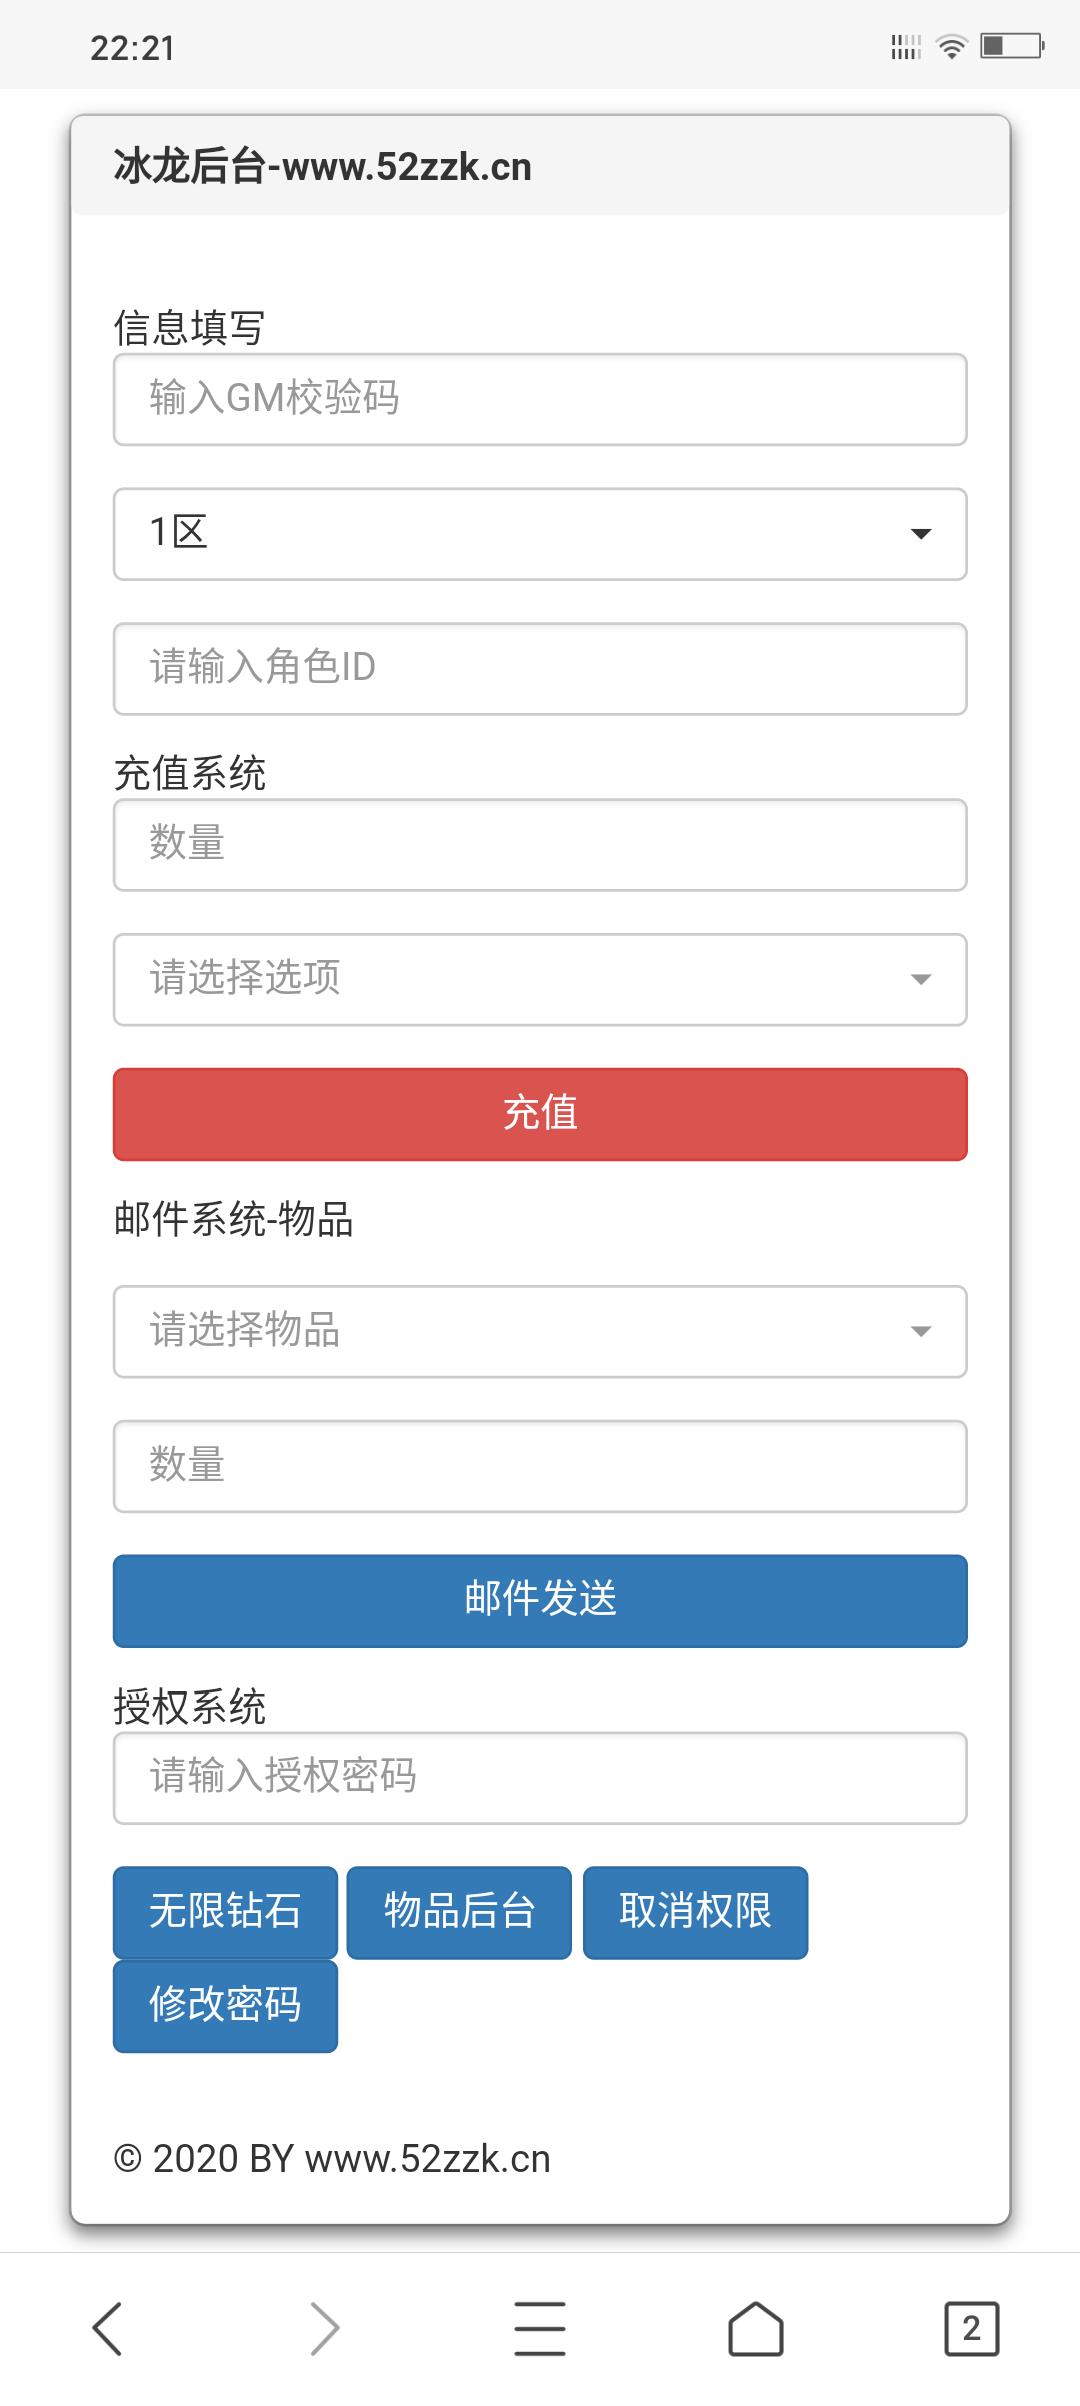 Screenshot_2020-03-14-22-21-19-758_com.tencent.mtt.png